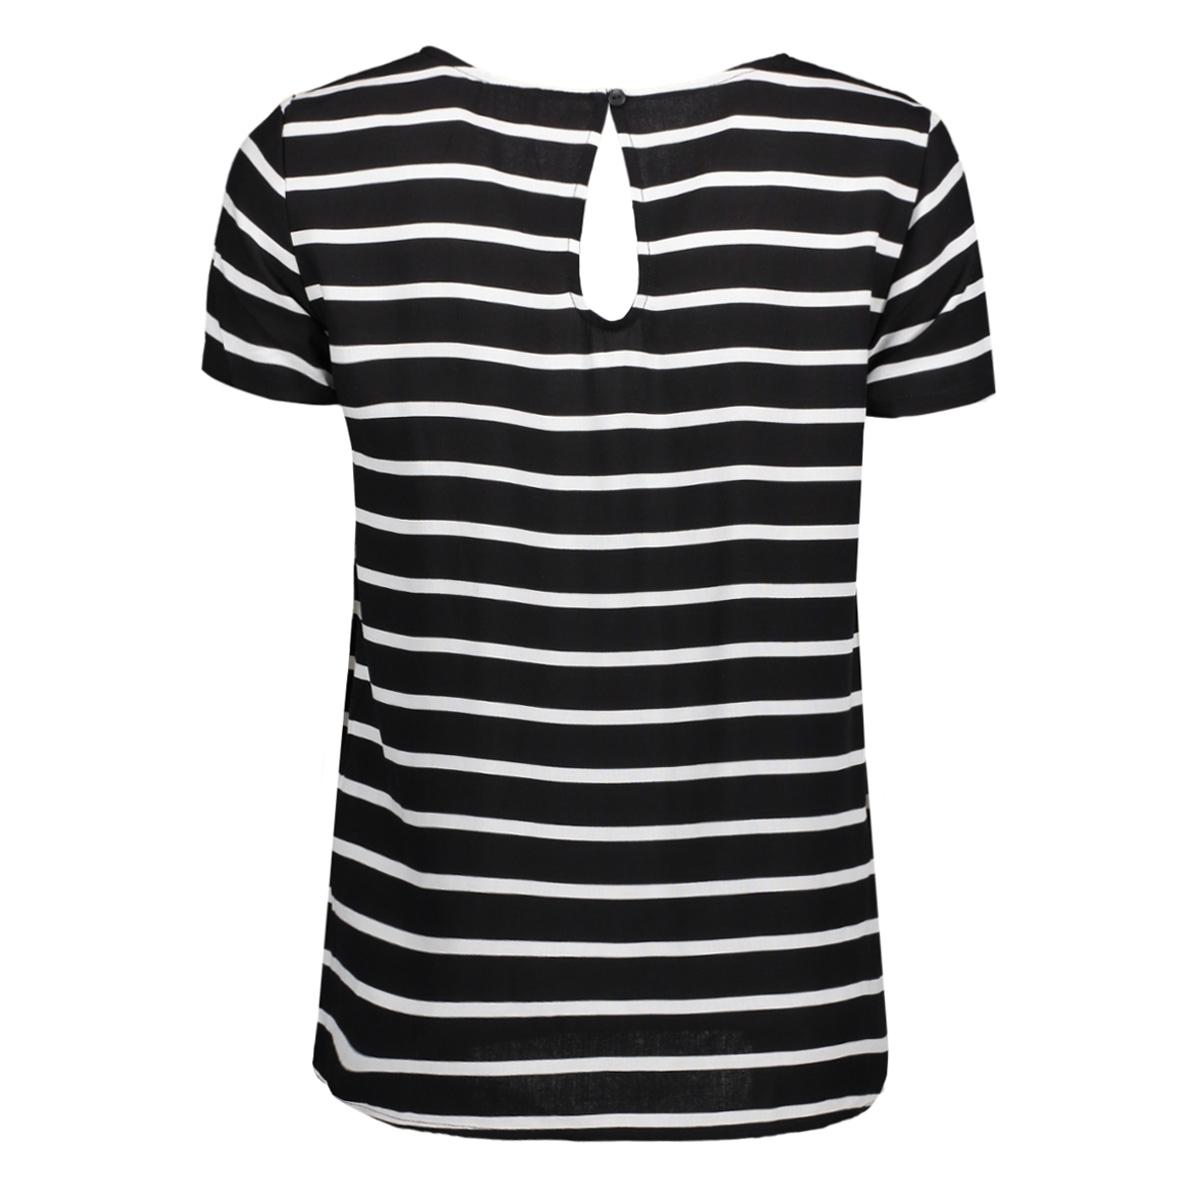 onlfirst ss mix aop top  noos wvn 15138761 only t-shirt black/ w. cloud dancer